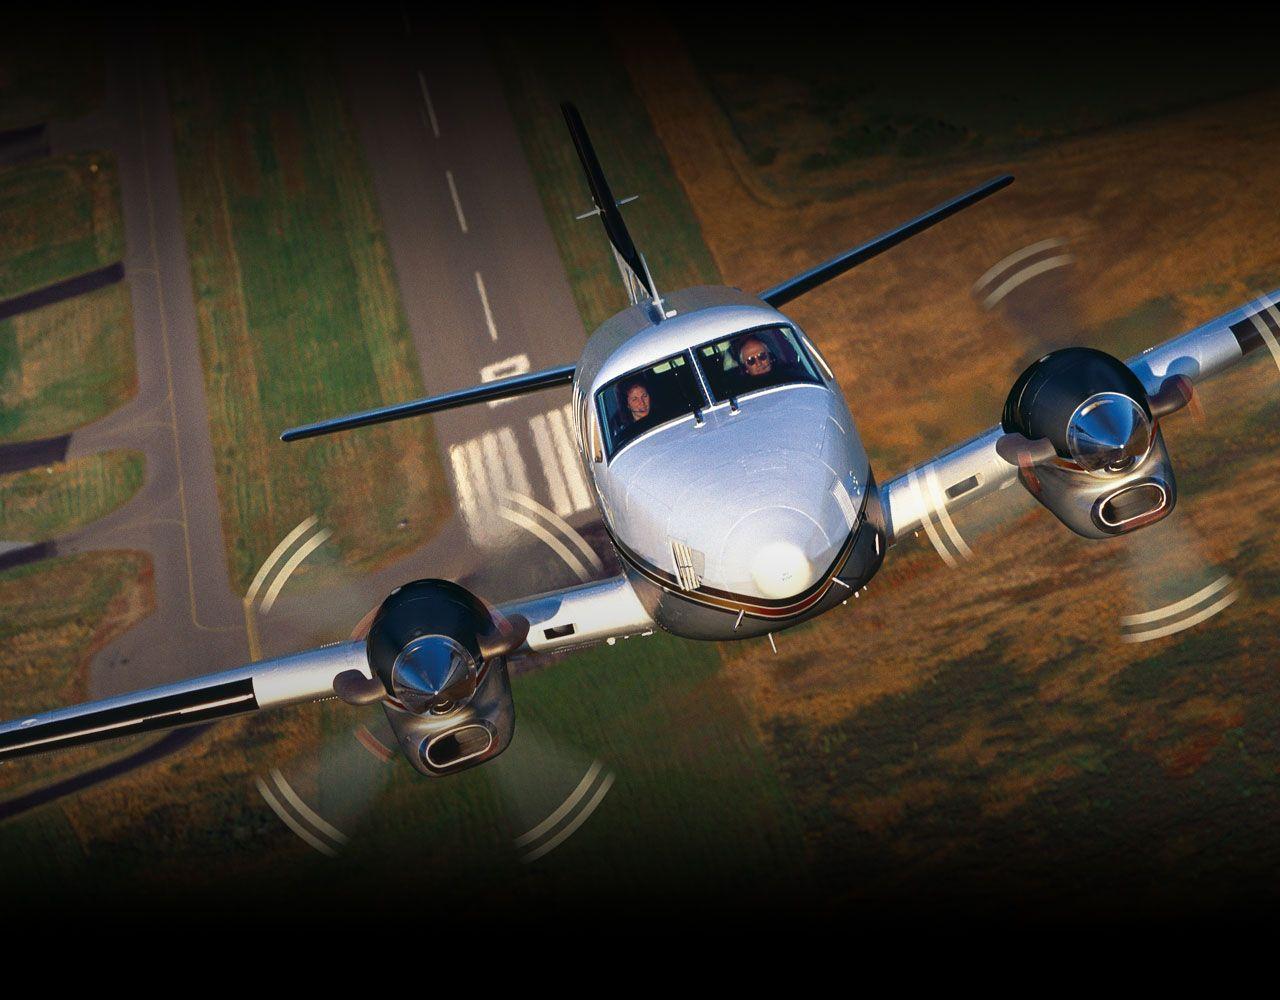 Beechcraft King Air C90GTx Turboprop Gallery BeechCraft